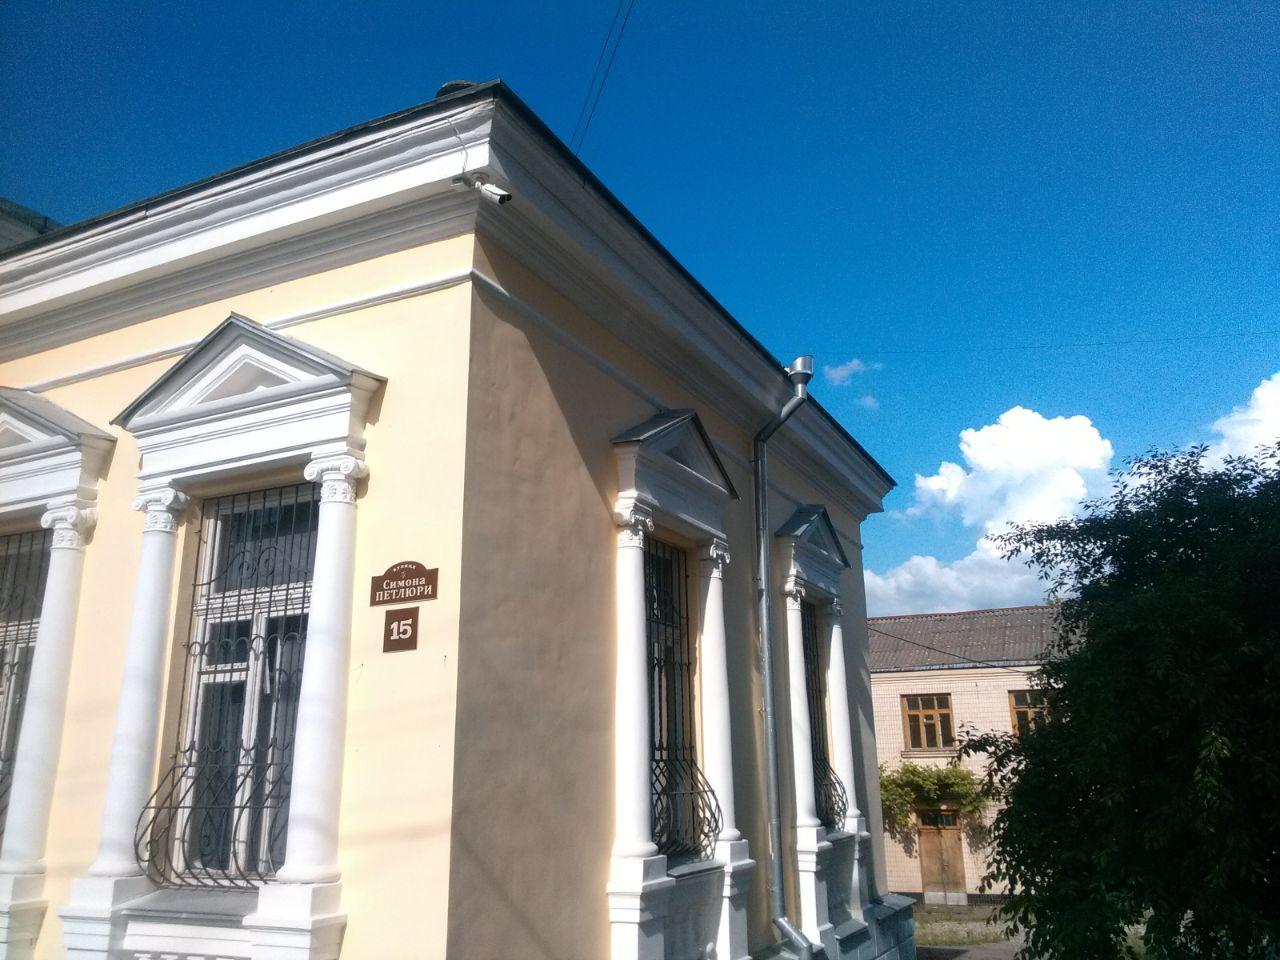 Камера на будинку, у якому травні-червні 1920-го року перебувала канцелярія Симона Петлюри, направлена на його пам'ятник, м. Вінниця